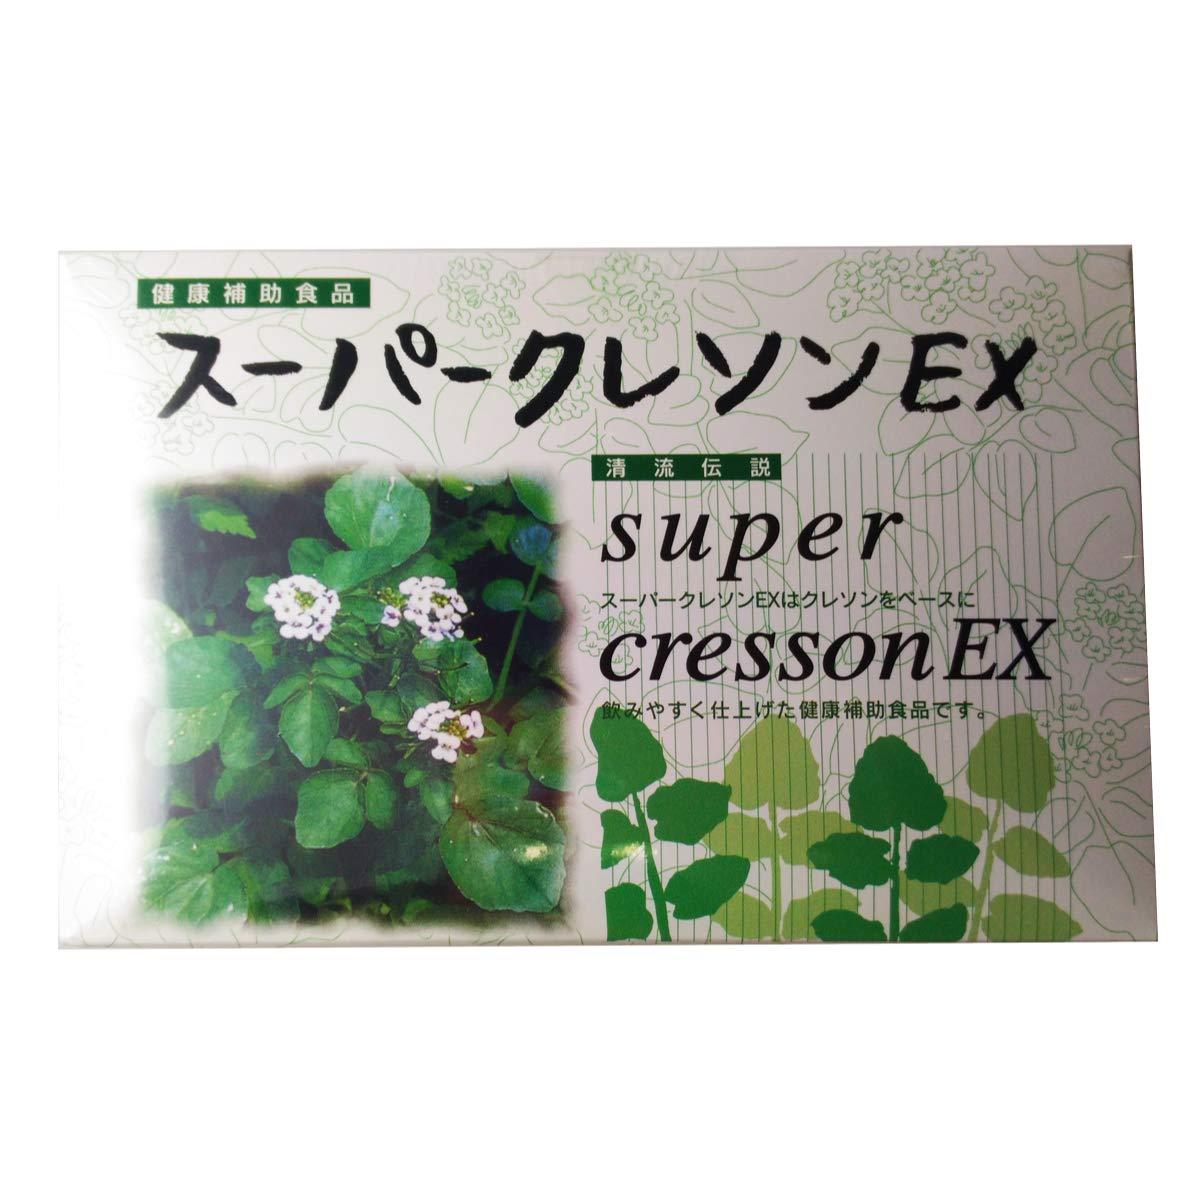 スーパークレソンEX 1.5g×60袋 お得な4個セット B008F5LT84 4